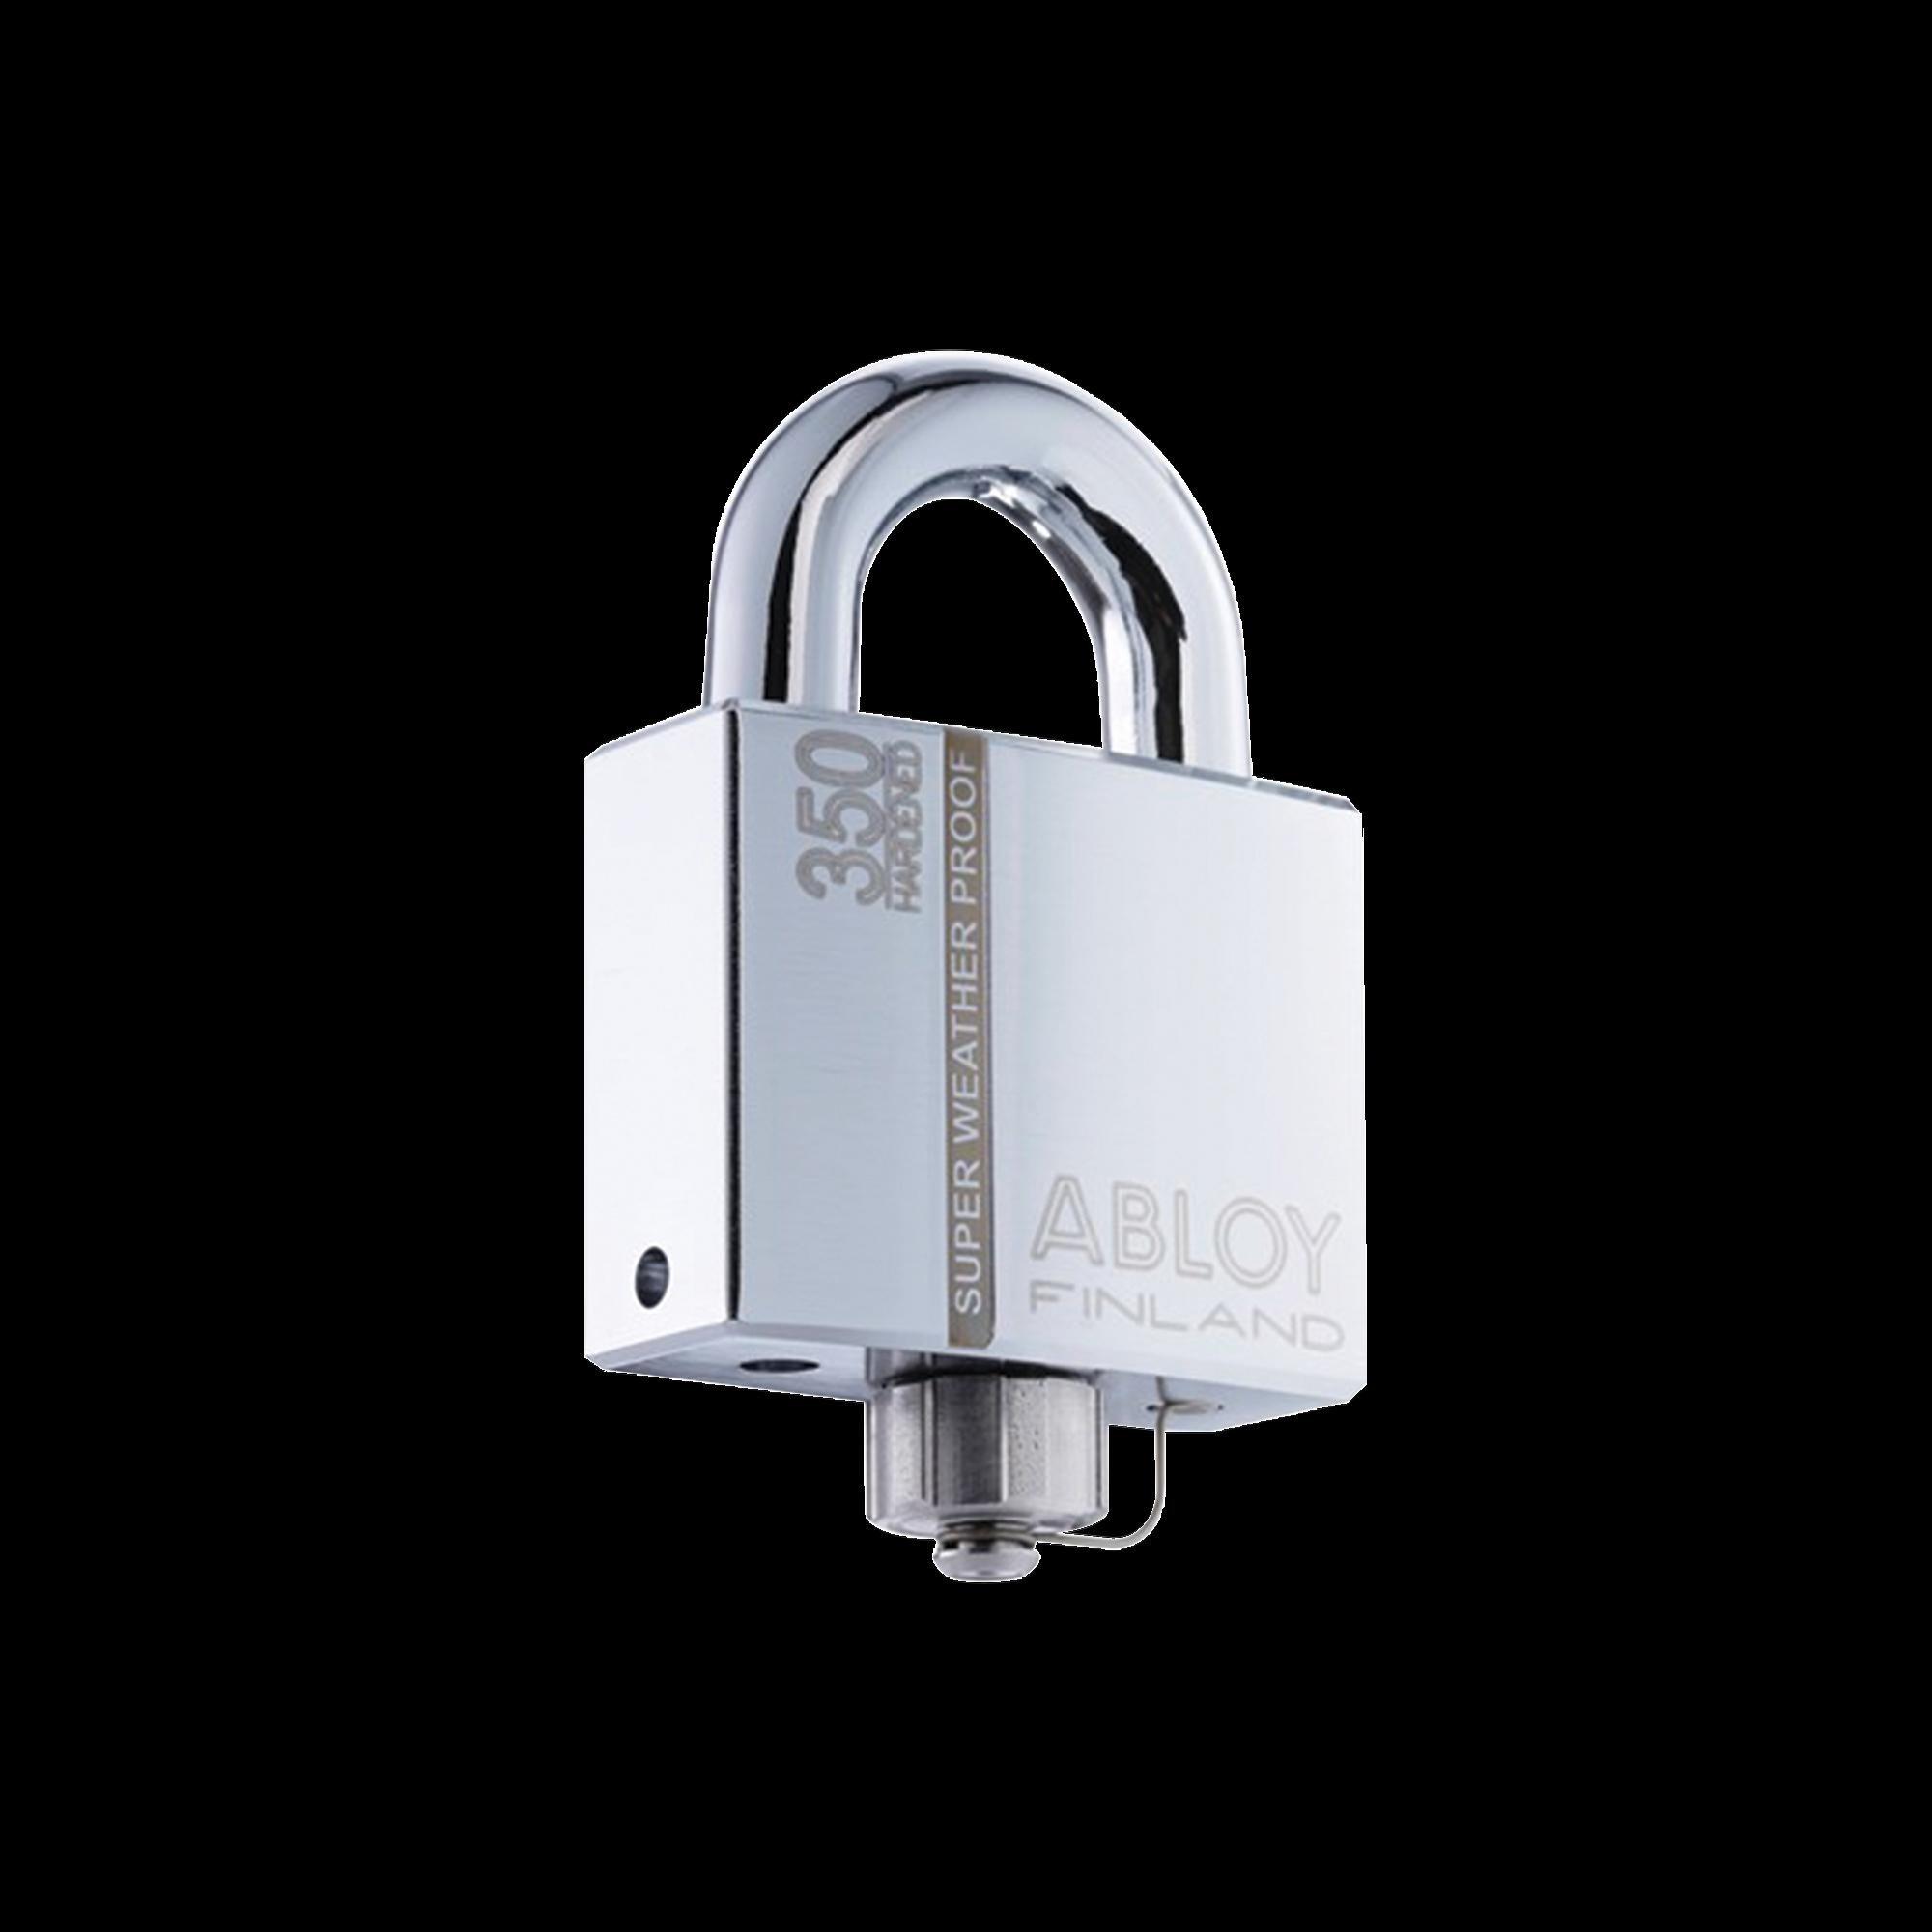 Candado Abloy / Grado 5 de Seguridad / Arco de 25 mm / Tapa Protectora / Sello Impermeable